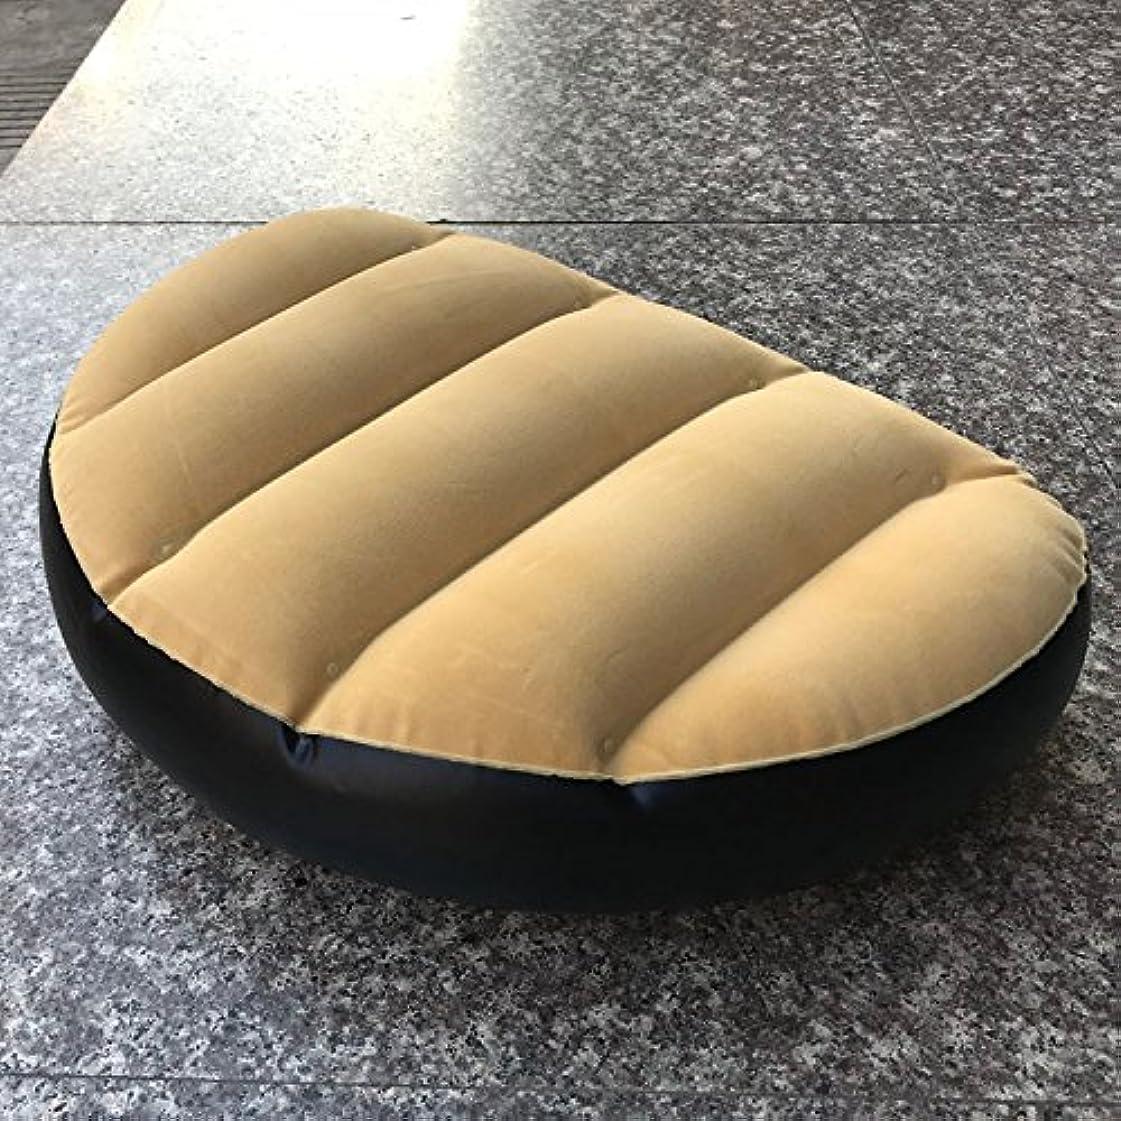 好ましい主張樫の木エアー インフレータブルクッション 空気入れ シートクッション 膨張収縮容易 椅子 軽量 PVC レジャー/カヌー/ボート/沖釣り/アウトドア